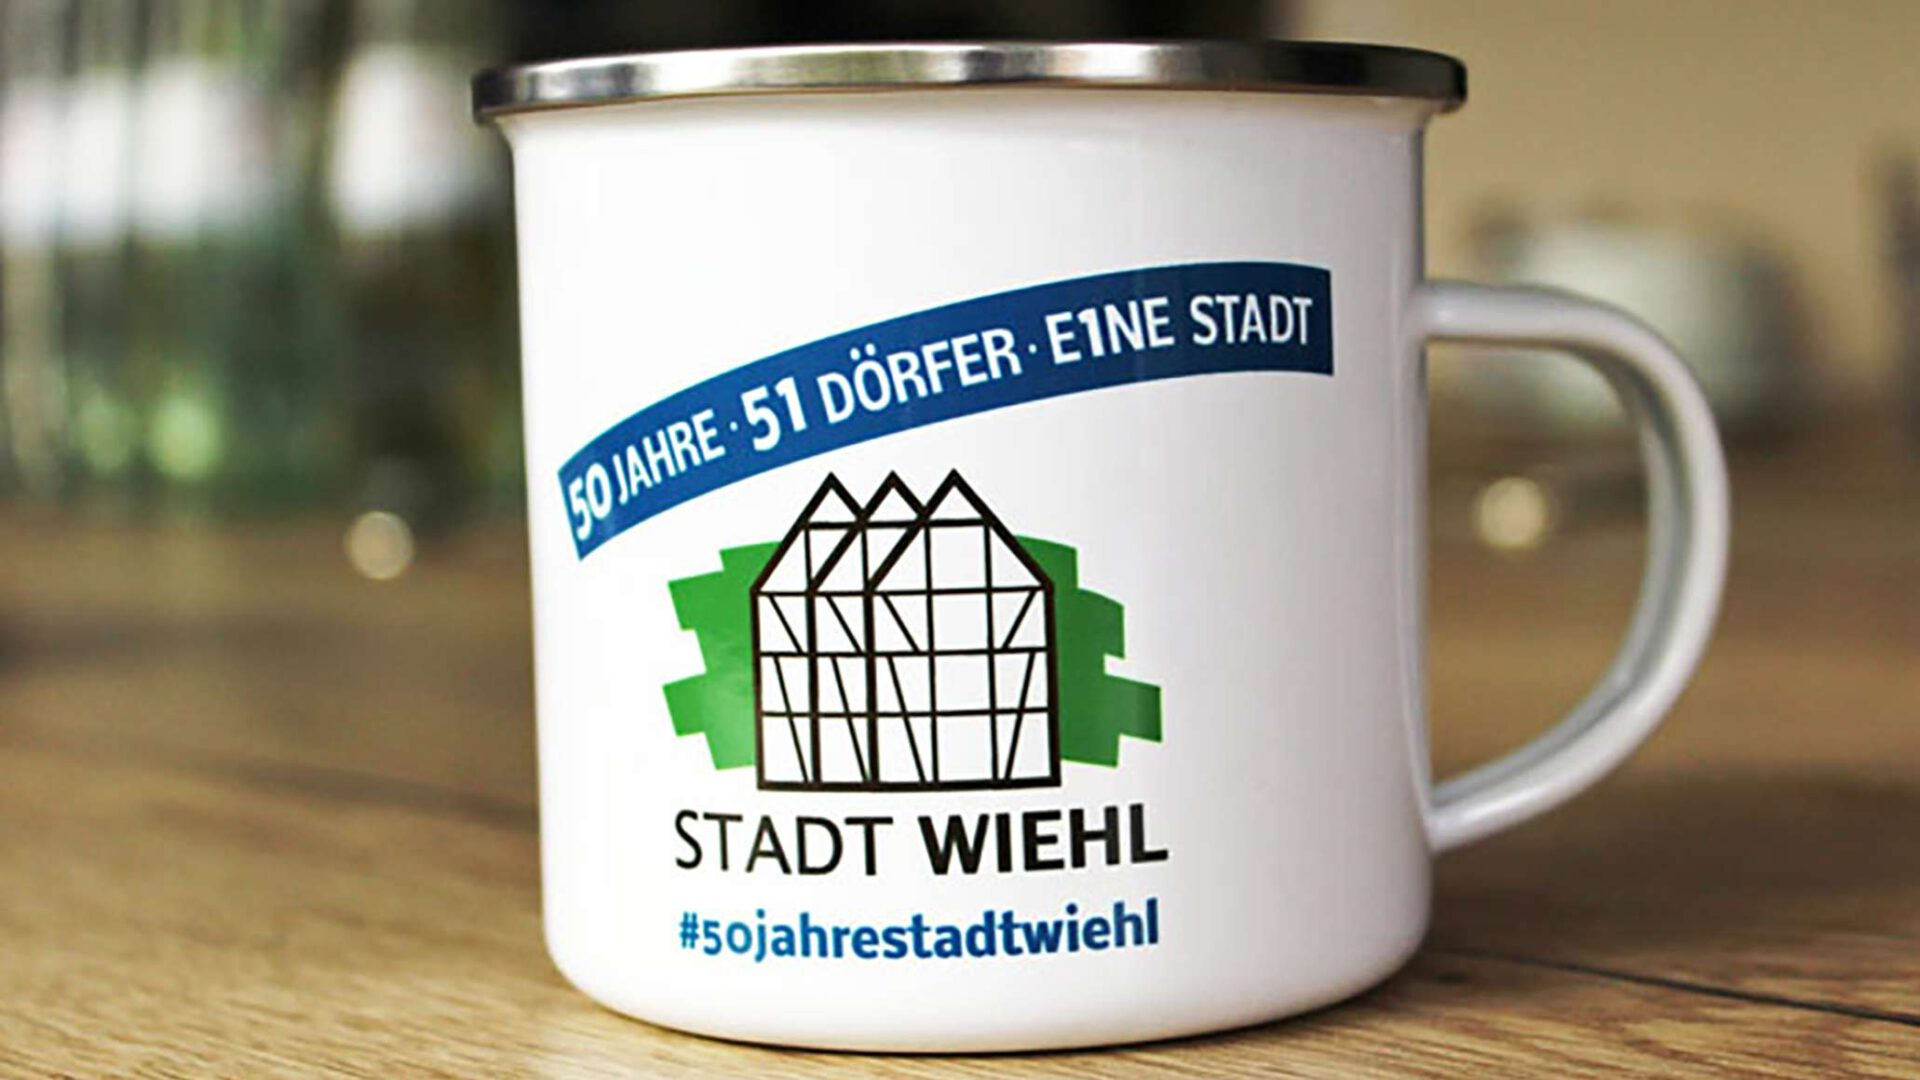 Die Jubiläumstasse zum 50. Stadtgeburtstag ist für fünf Euro bei Wiehlticket erhältlich. Foto: Stadt Wiehl